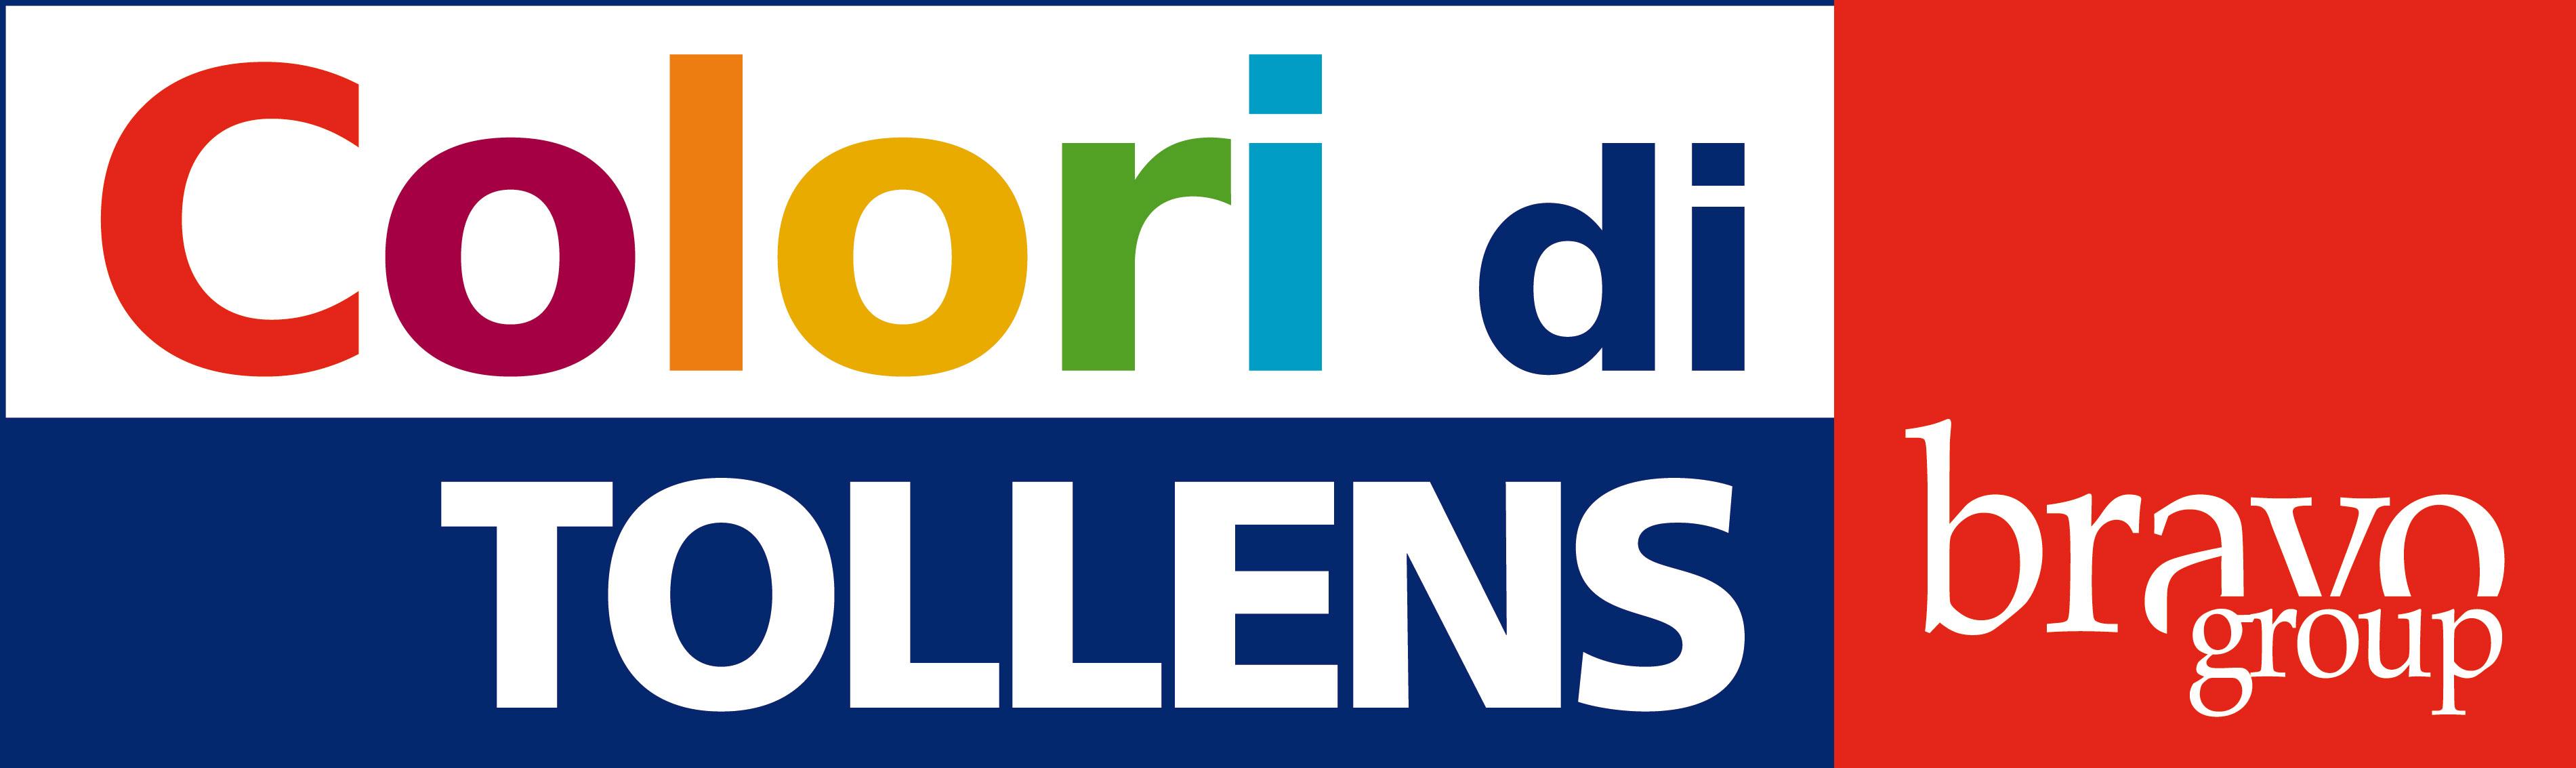 COLORI DI TOLLENS BRAVO SRL